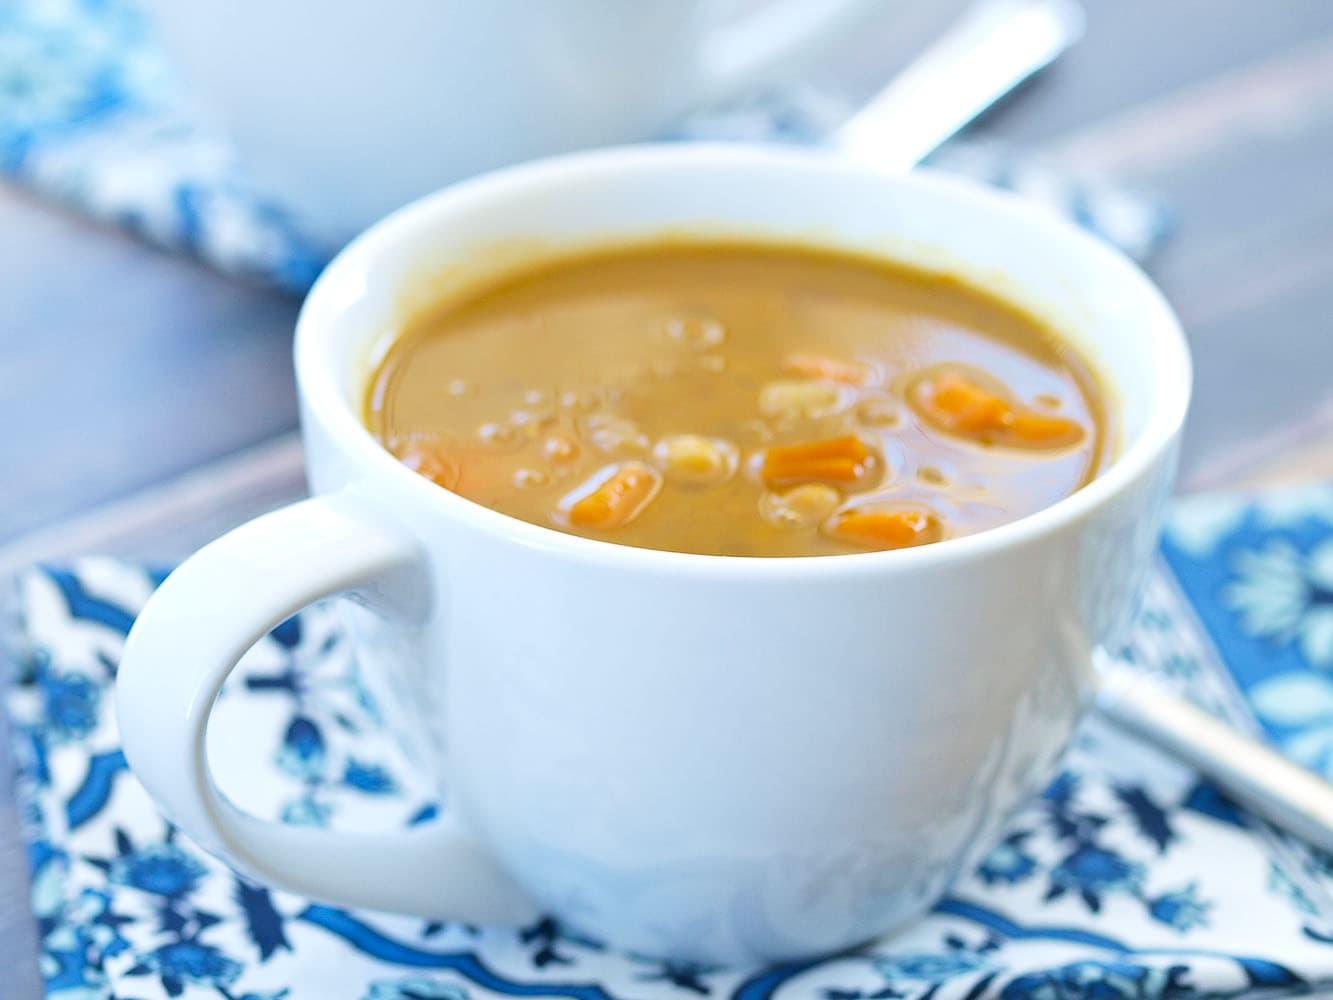 Crockpot Vegan Coconut Curry Chickpea Lentil Soup